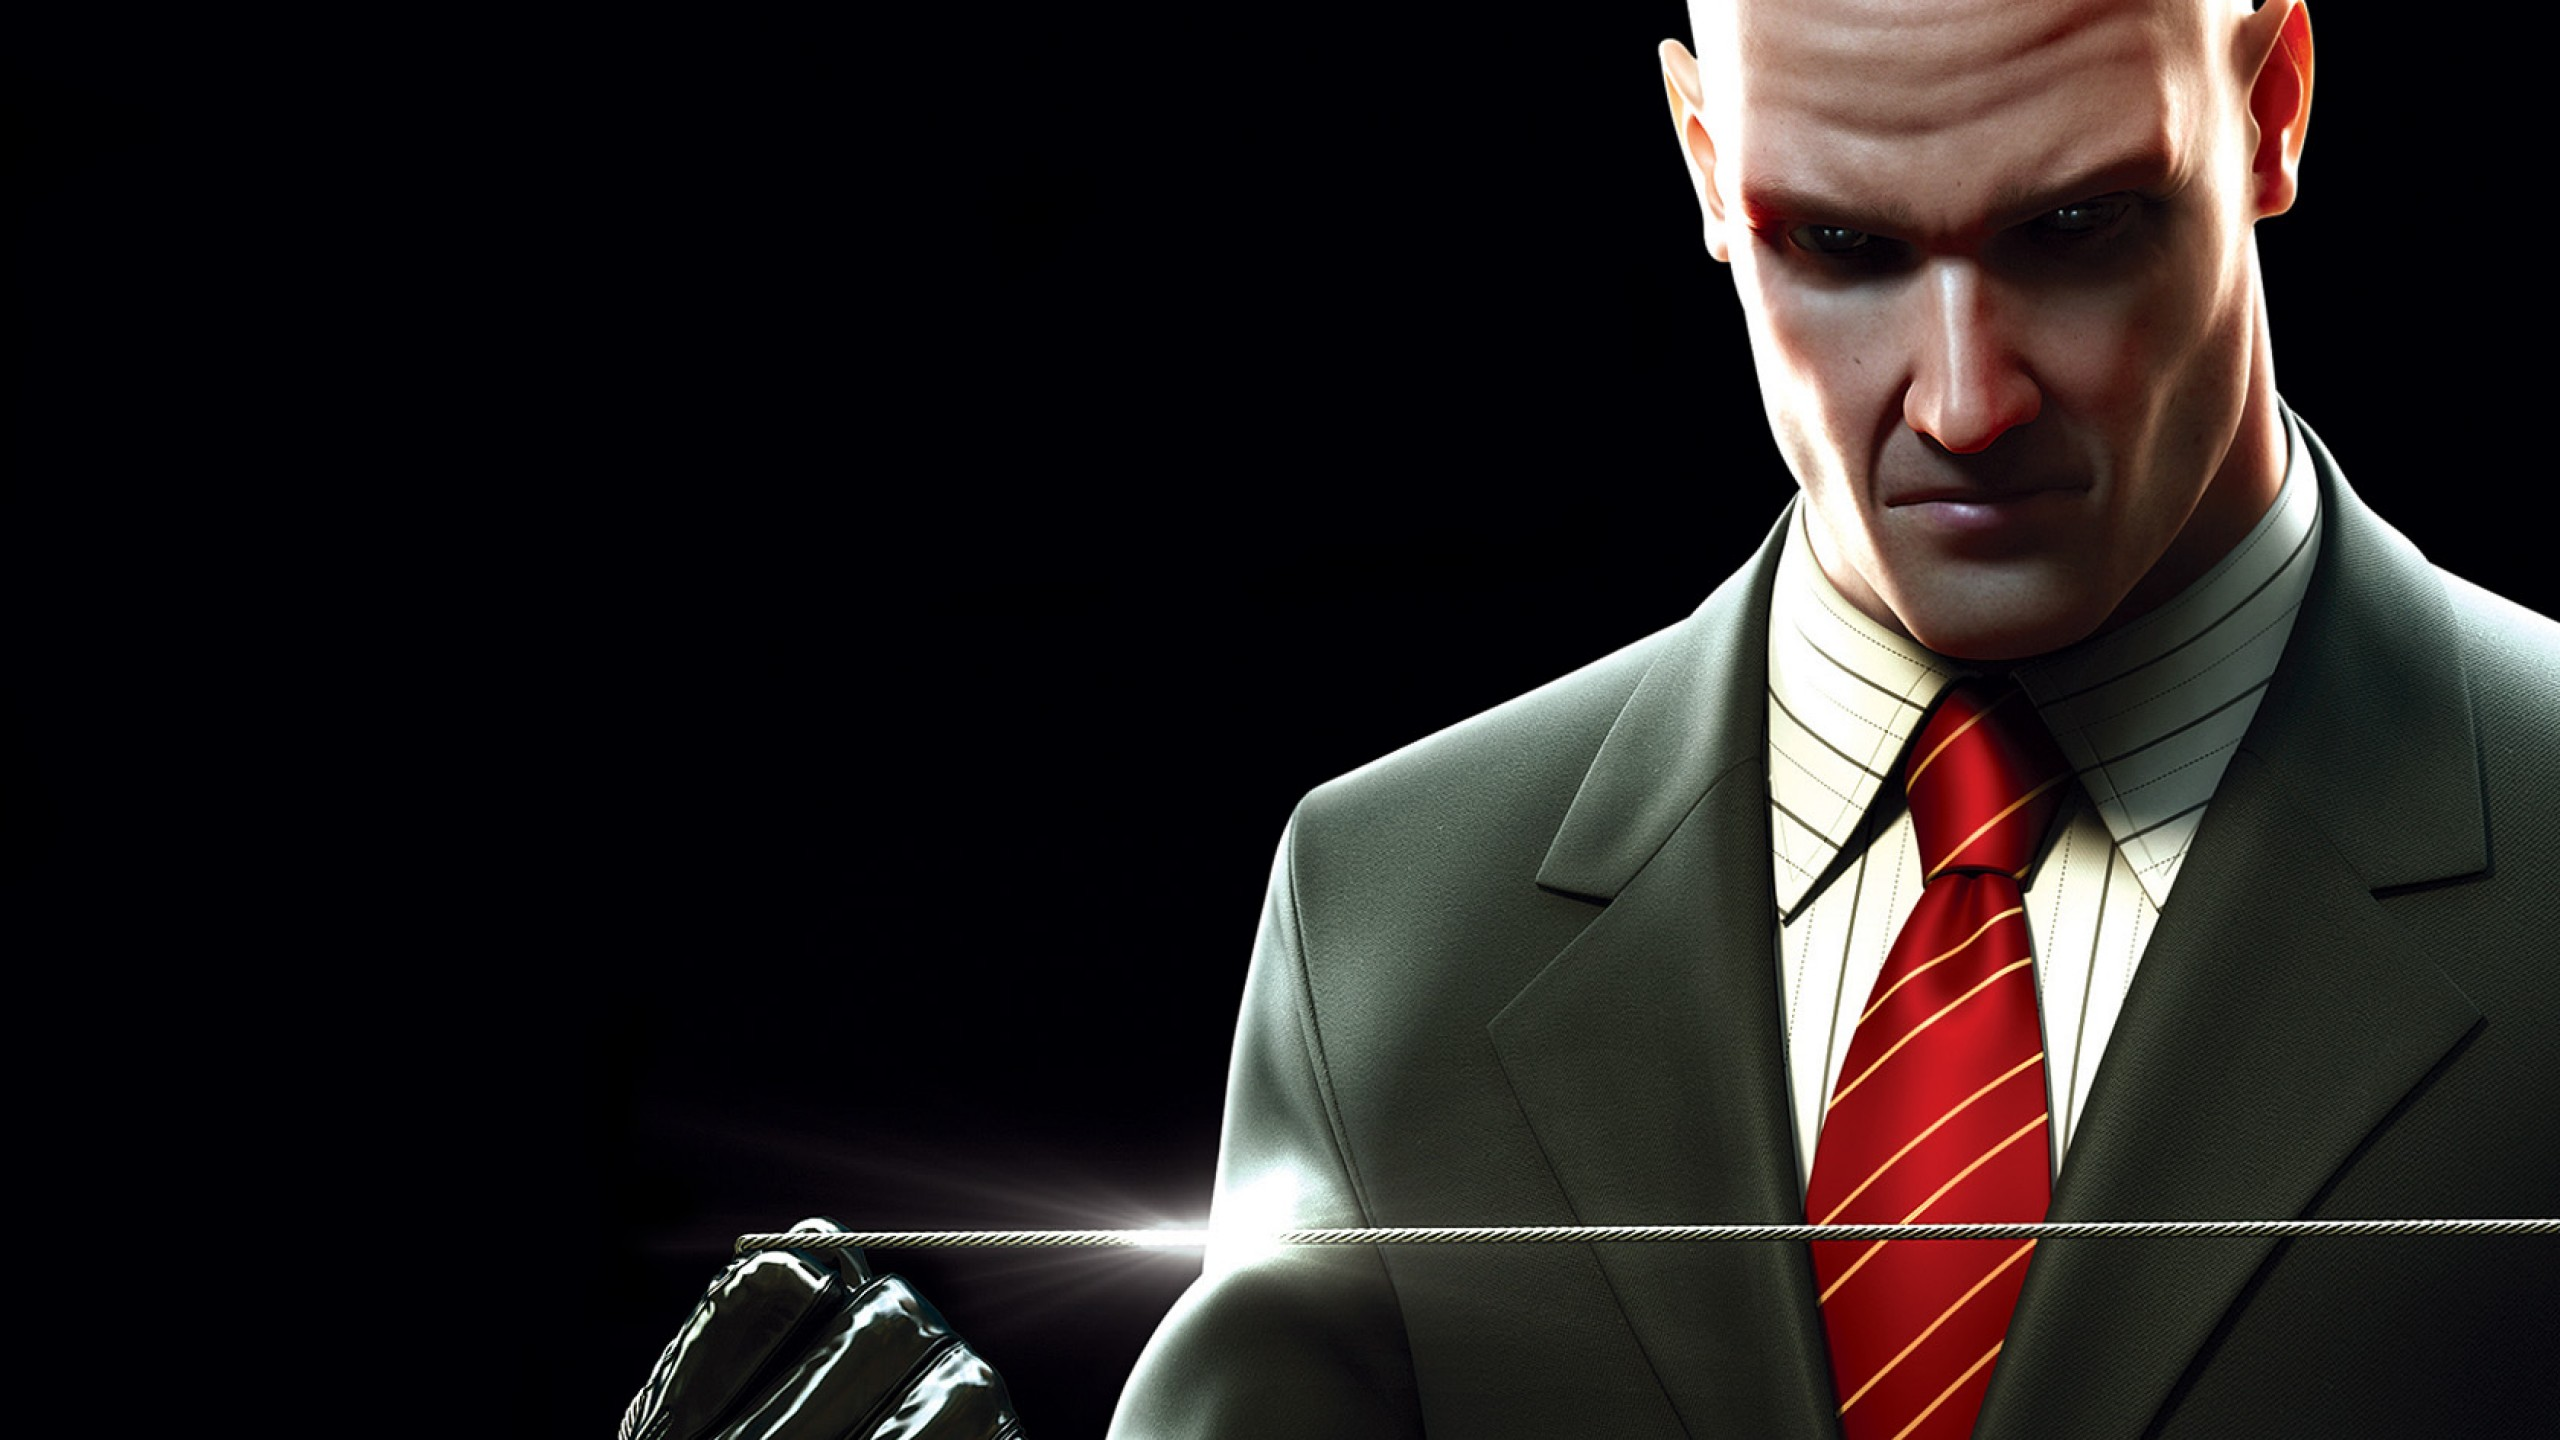 Aparece el primer trailer de la película de Hitman: Agent 47 [Cine]